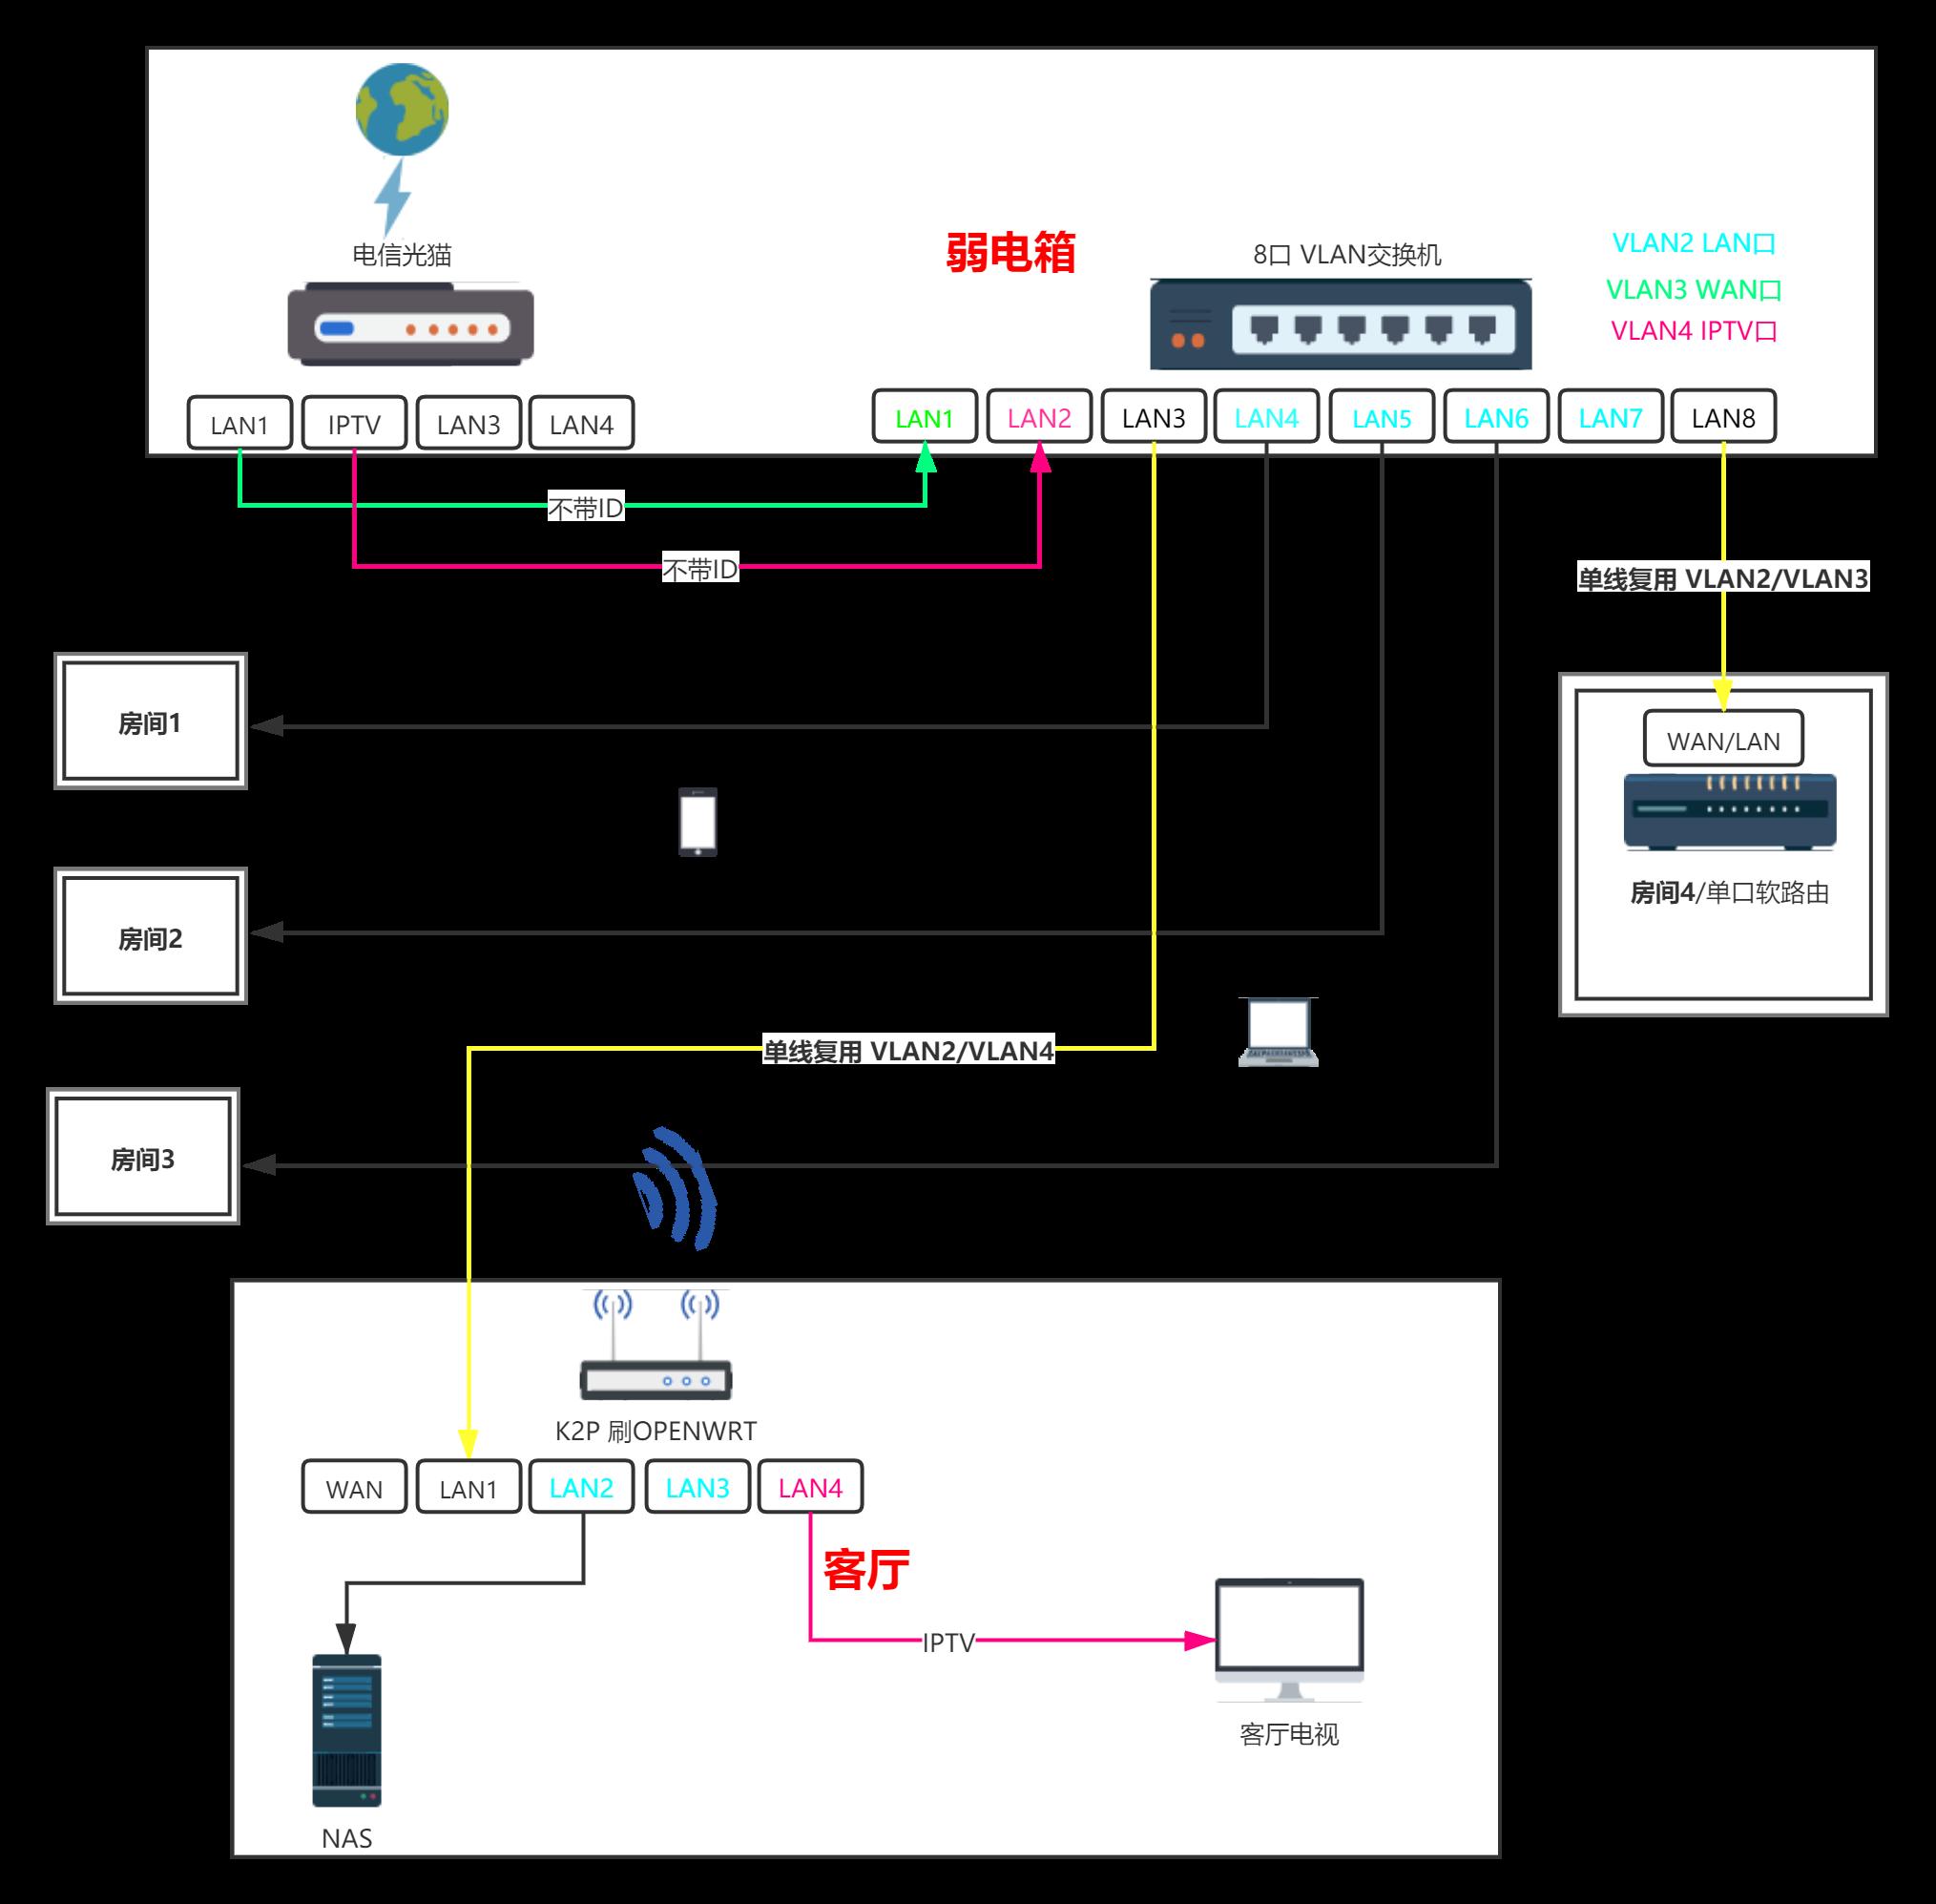 单线复用家庭网络拓扑图2.png